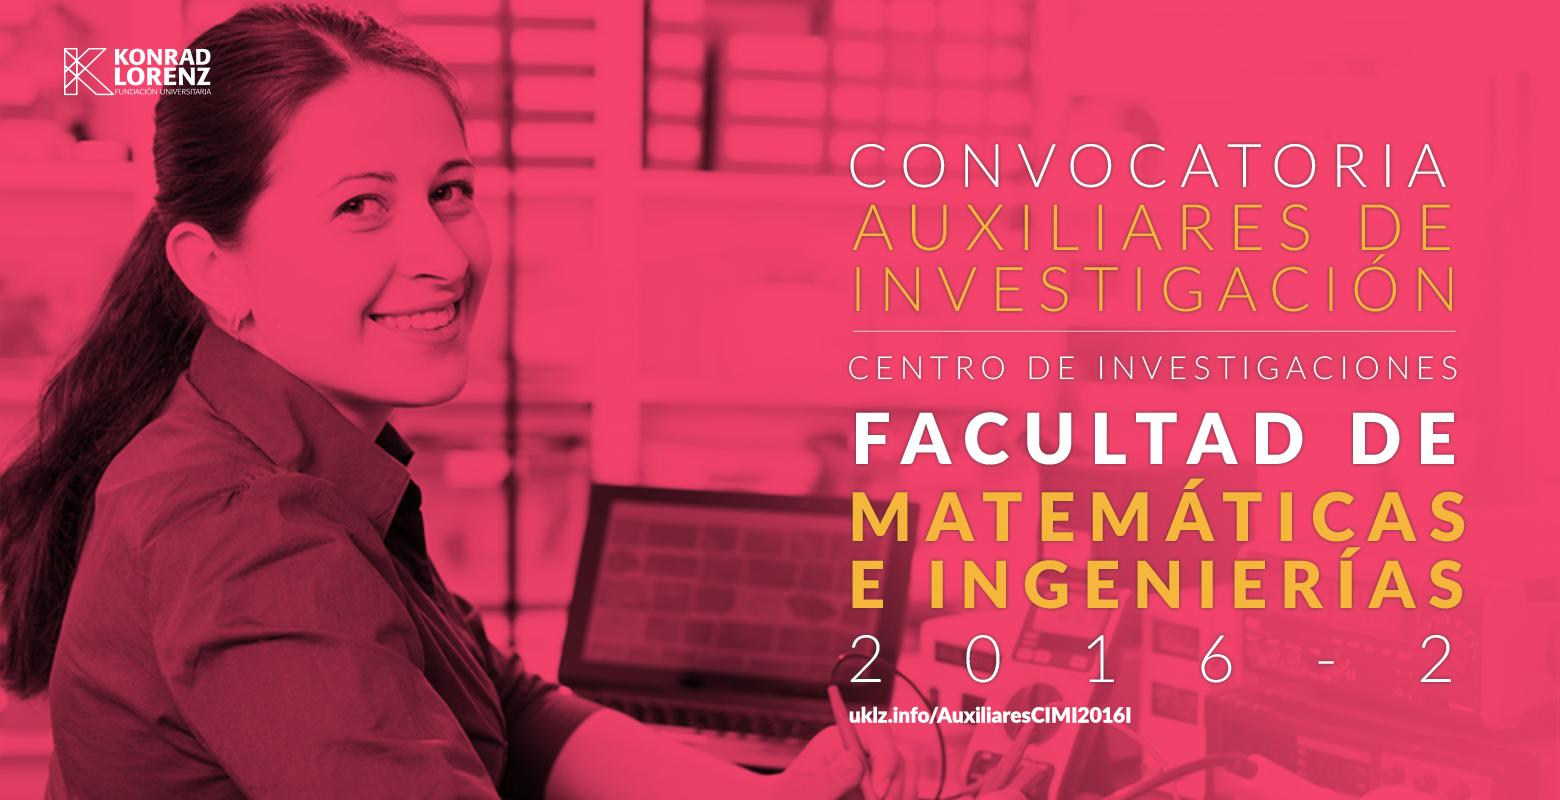 Convocatoria para Auxiliares de Investigación Centro de Investigaciones Facultad de Matemáticas e Ingenierías CIMI 2016-2 (cerrada)